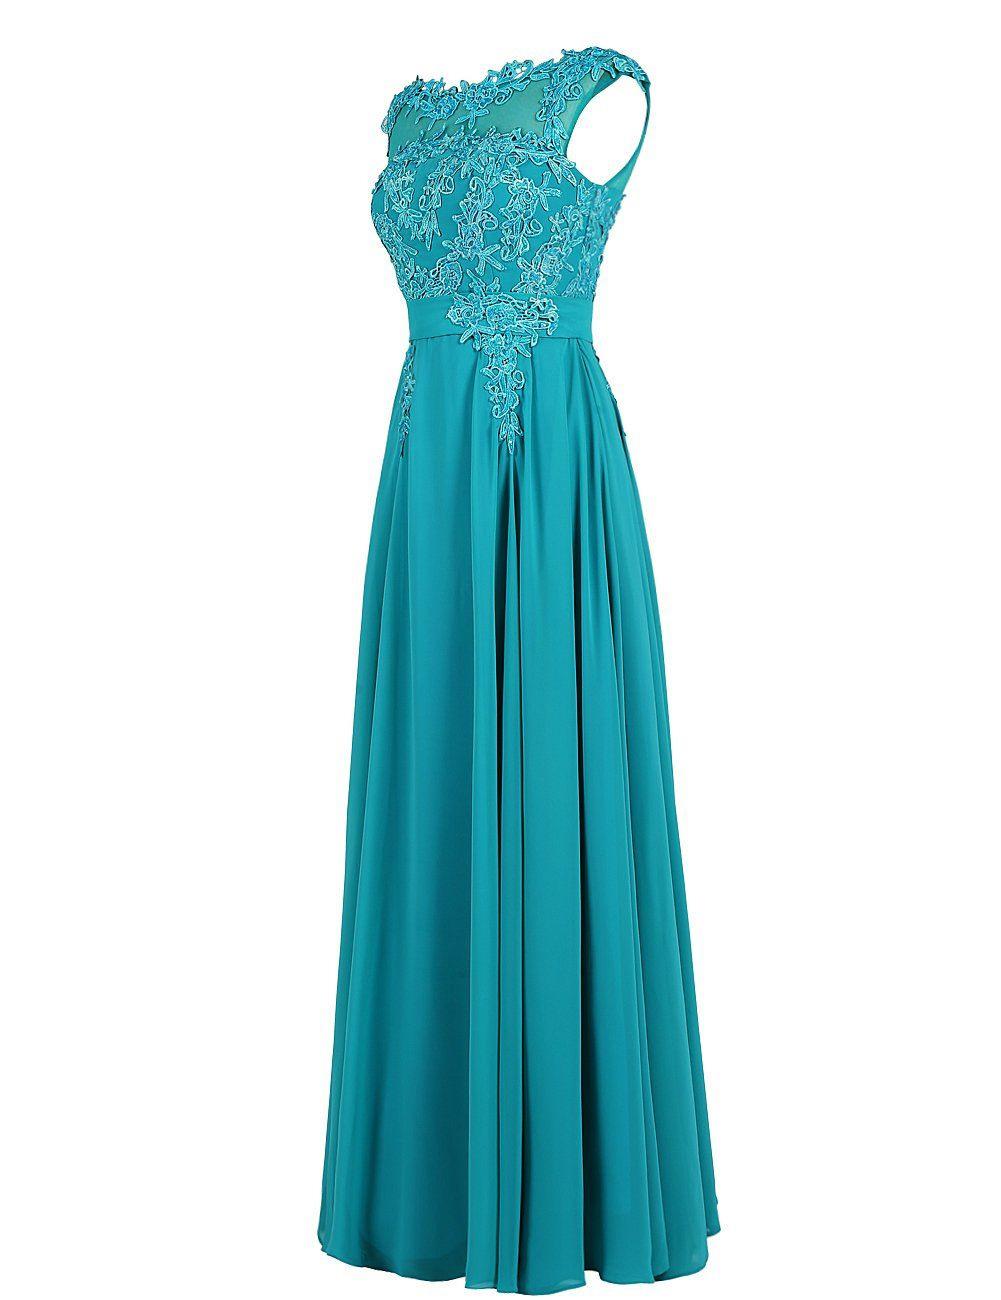 Abend Schön Damen Abend Kleid ÄrmelDesigner Ausgezeichnet Damen Abend Kleid Galerie